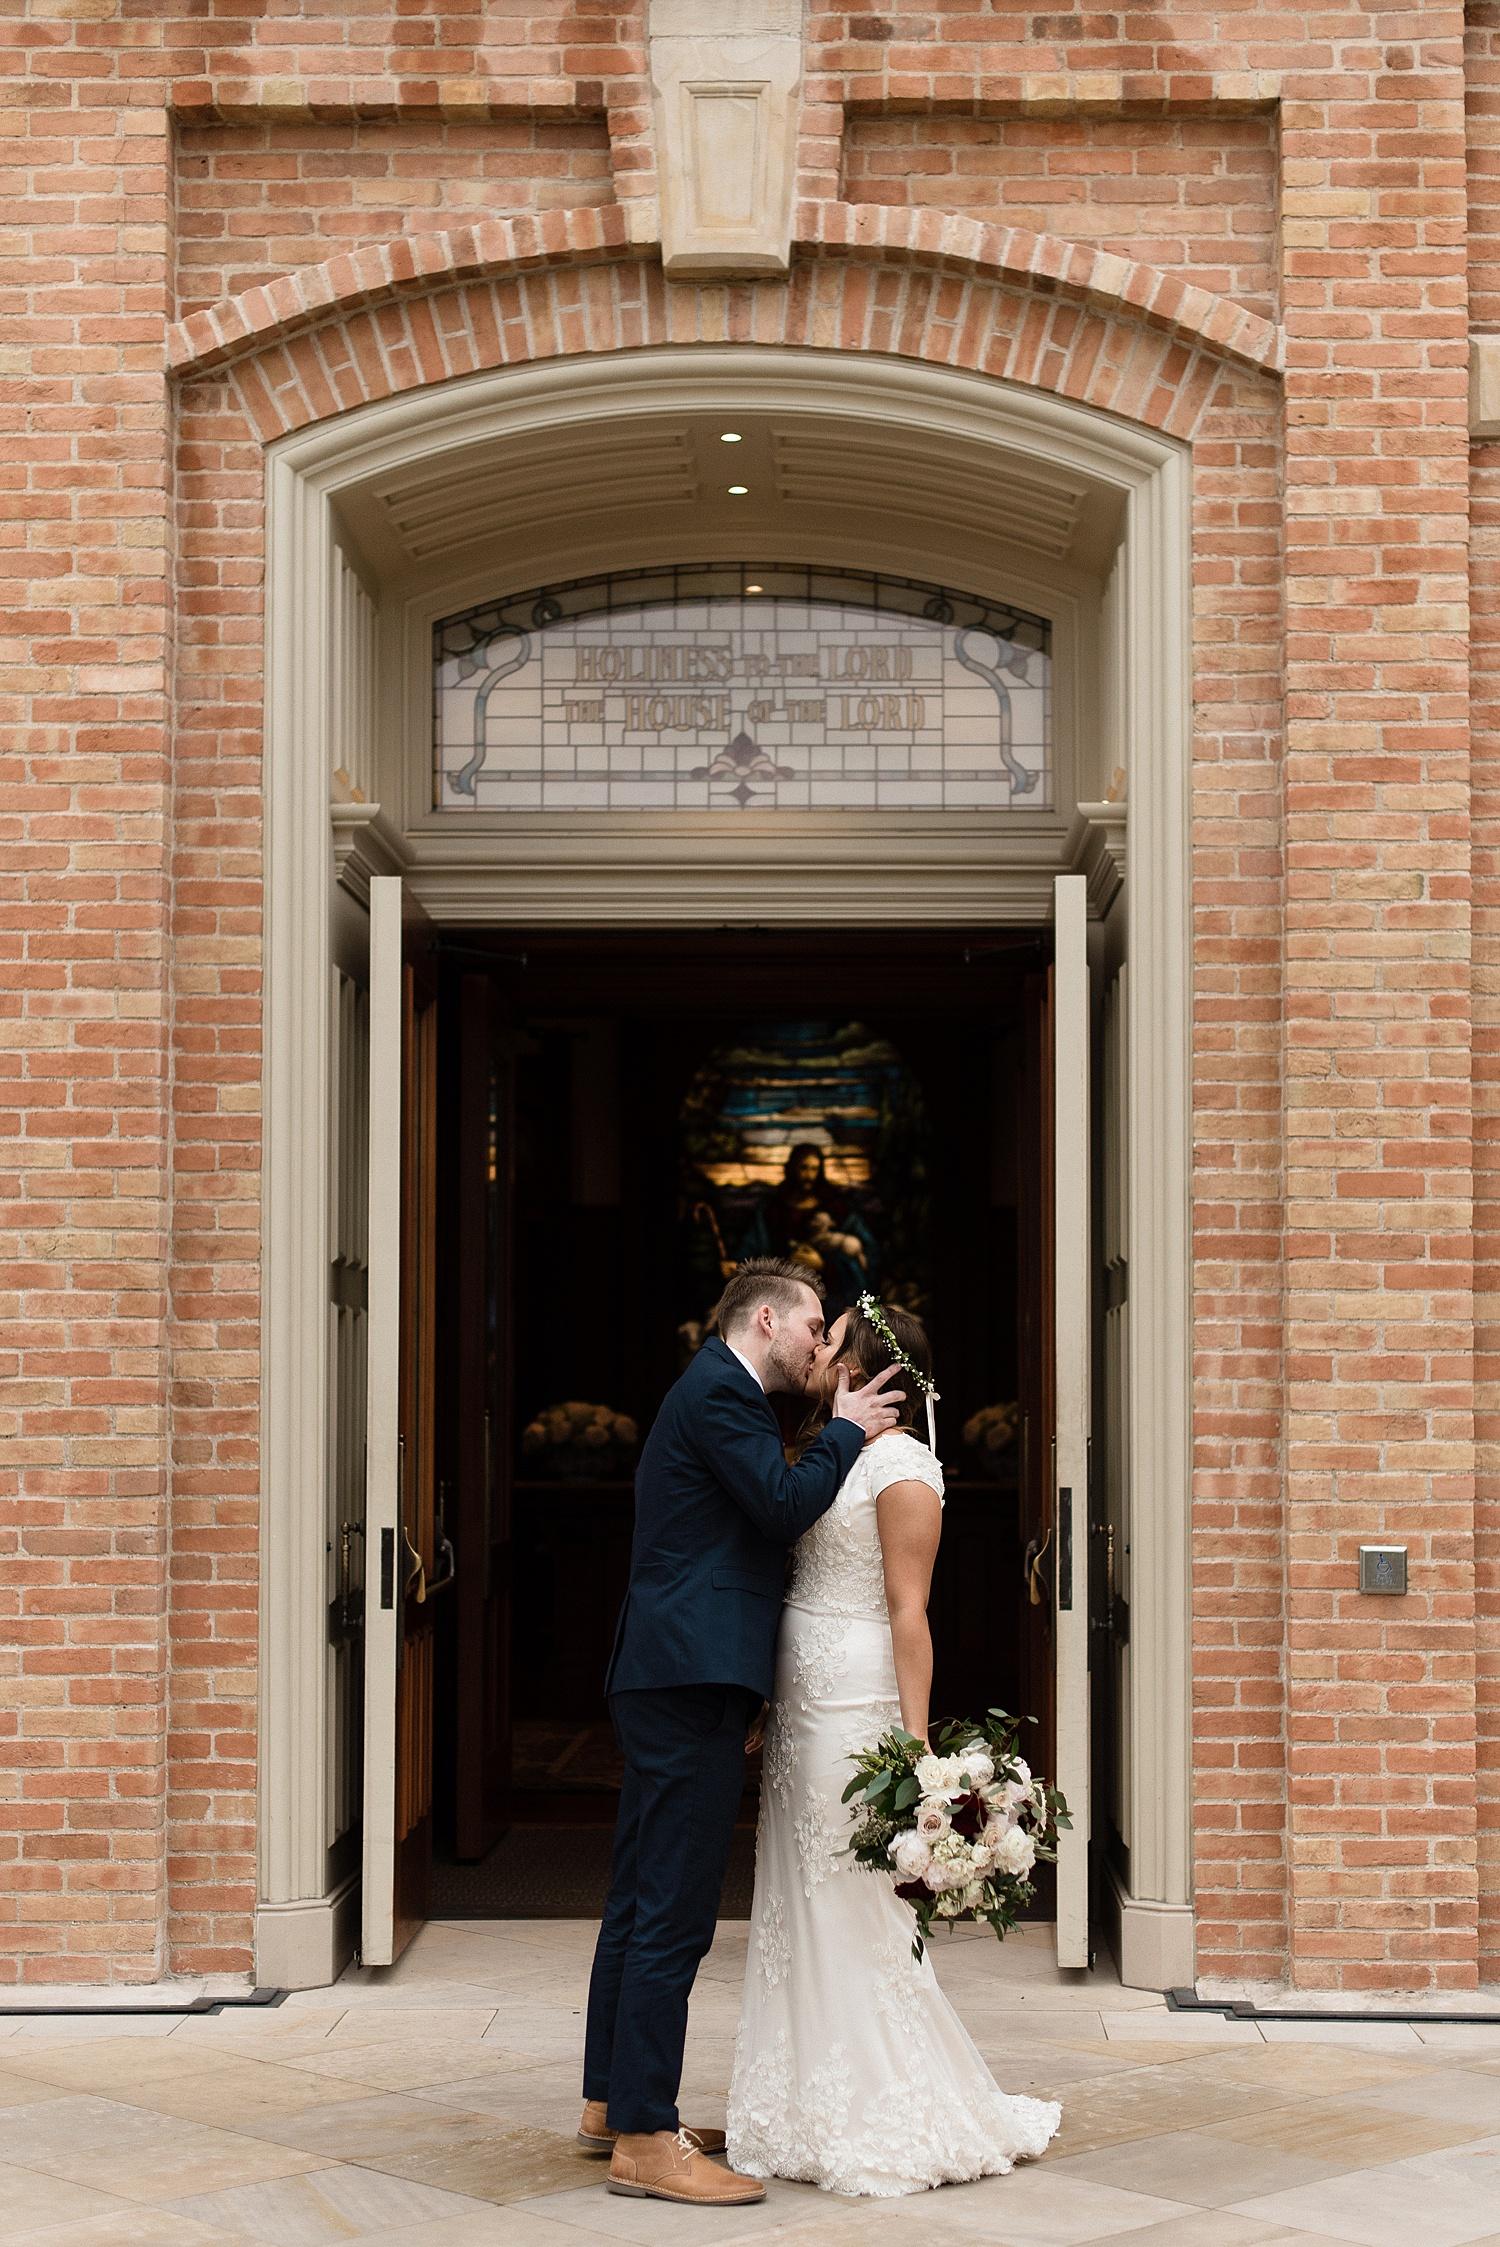 Zandra Barriga Photo - Dallas and Megan Wedding_0004.jpg